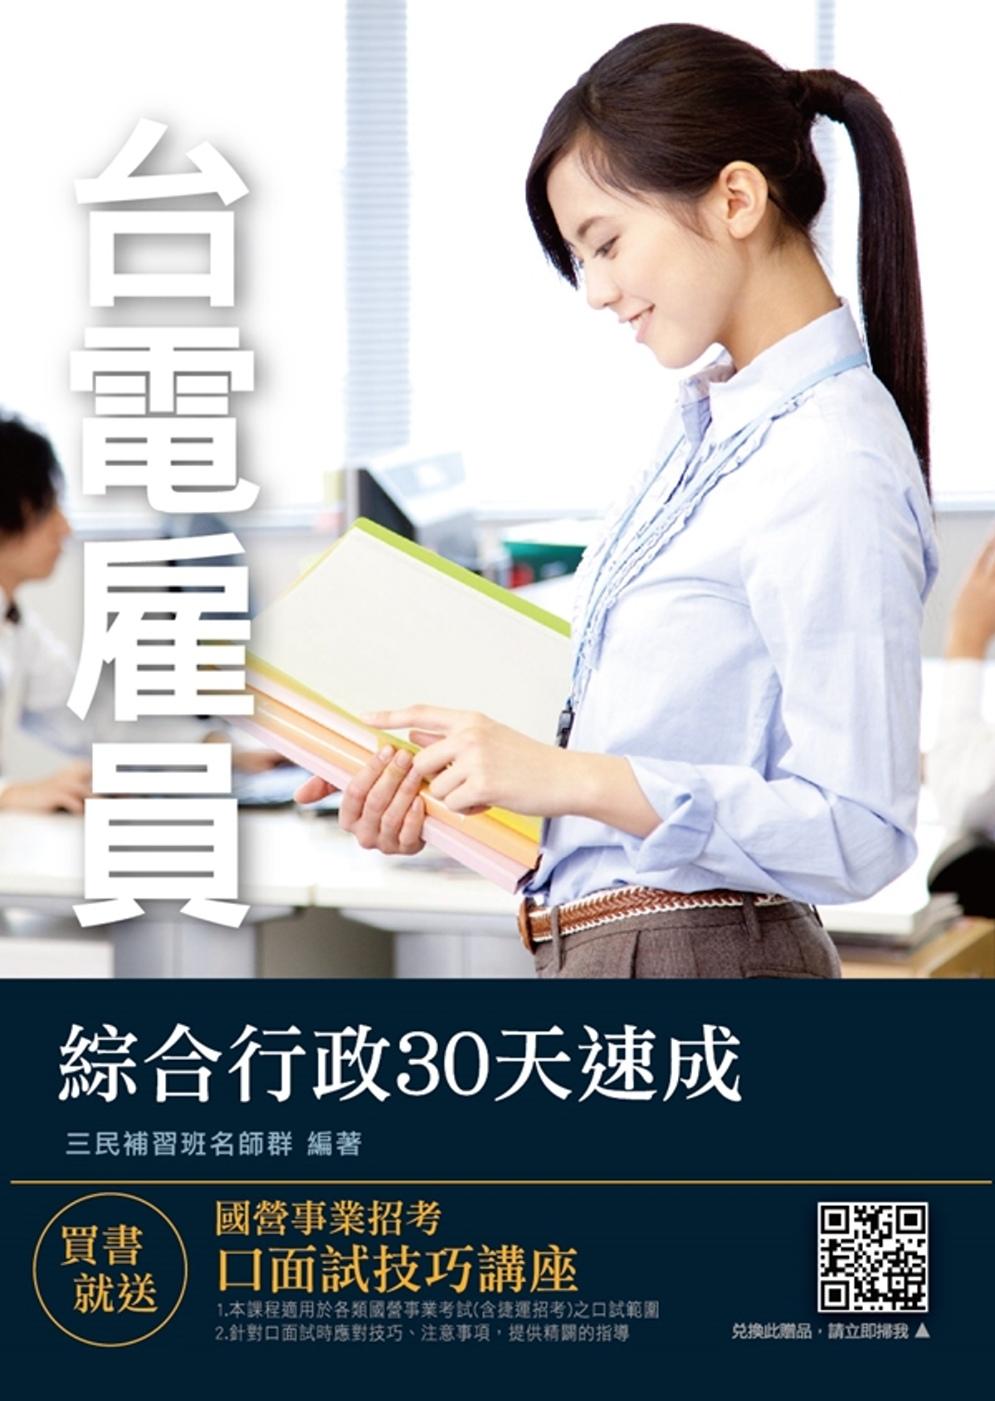 台電雇員綜合行政30天速成(重點速成+最新試題詳解)(六版)